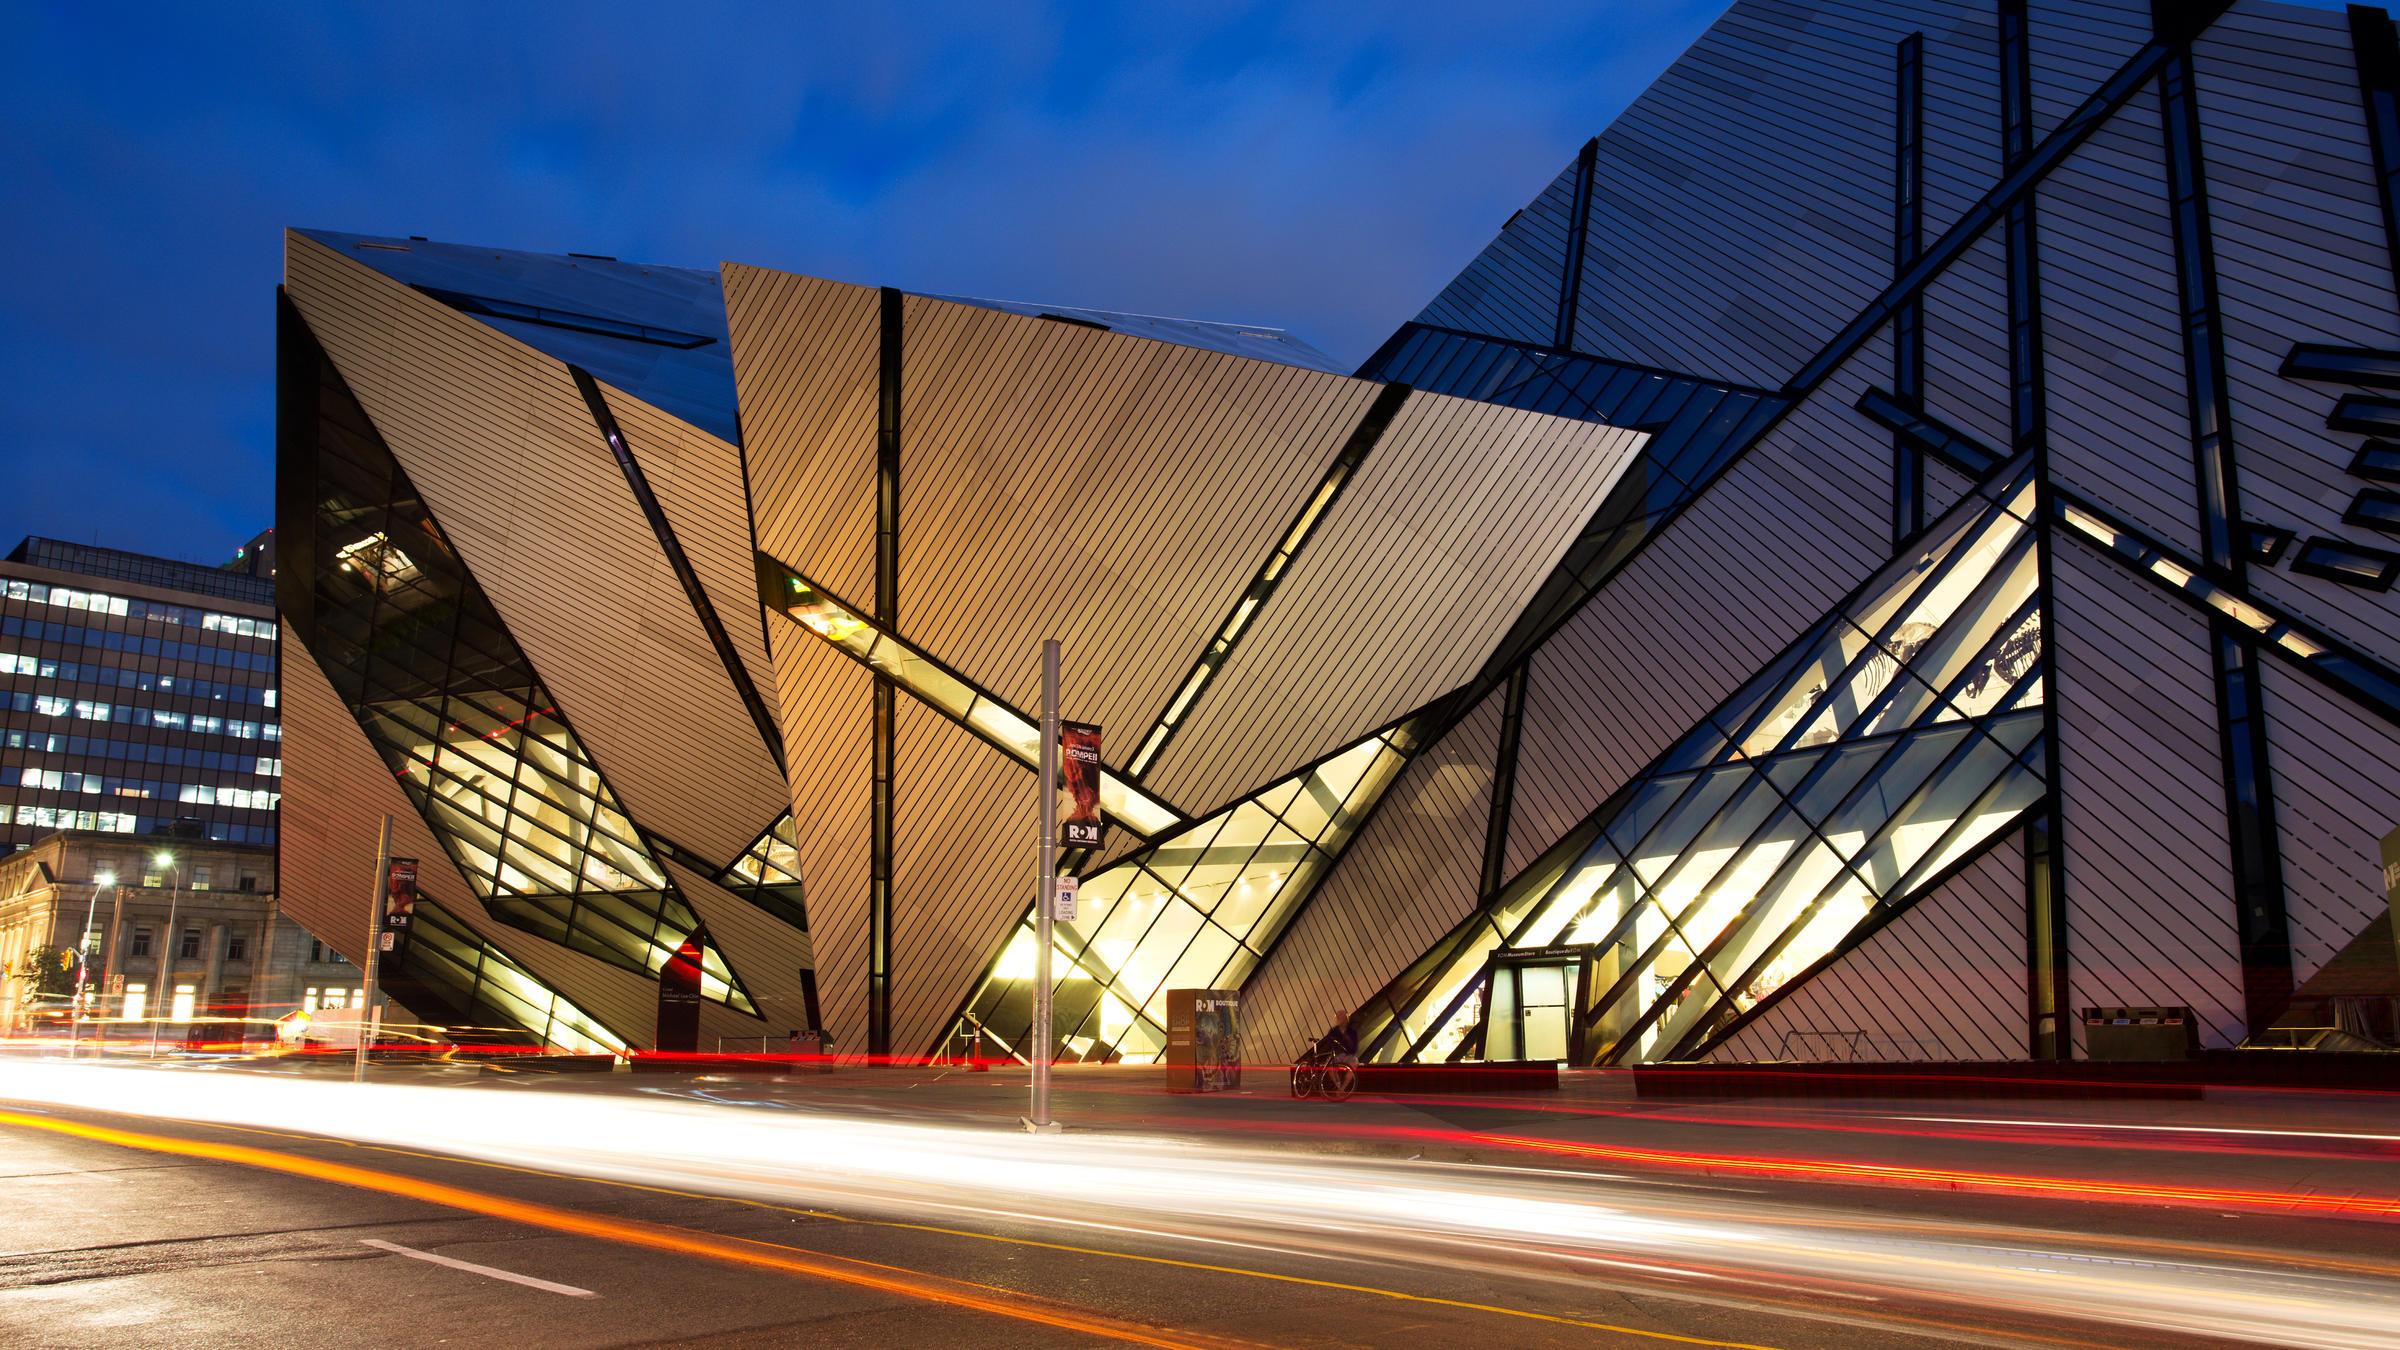 Королевский Музей Онтарио в Торонто, адрес, цены и время работы